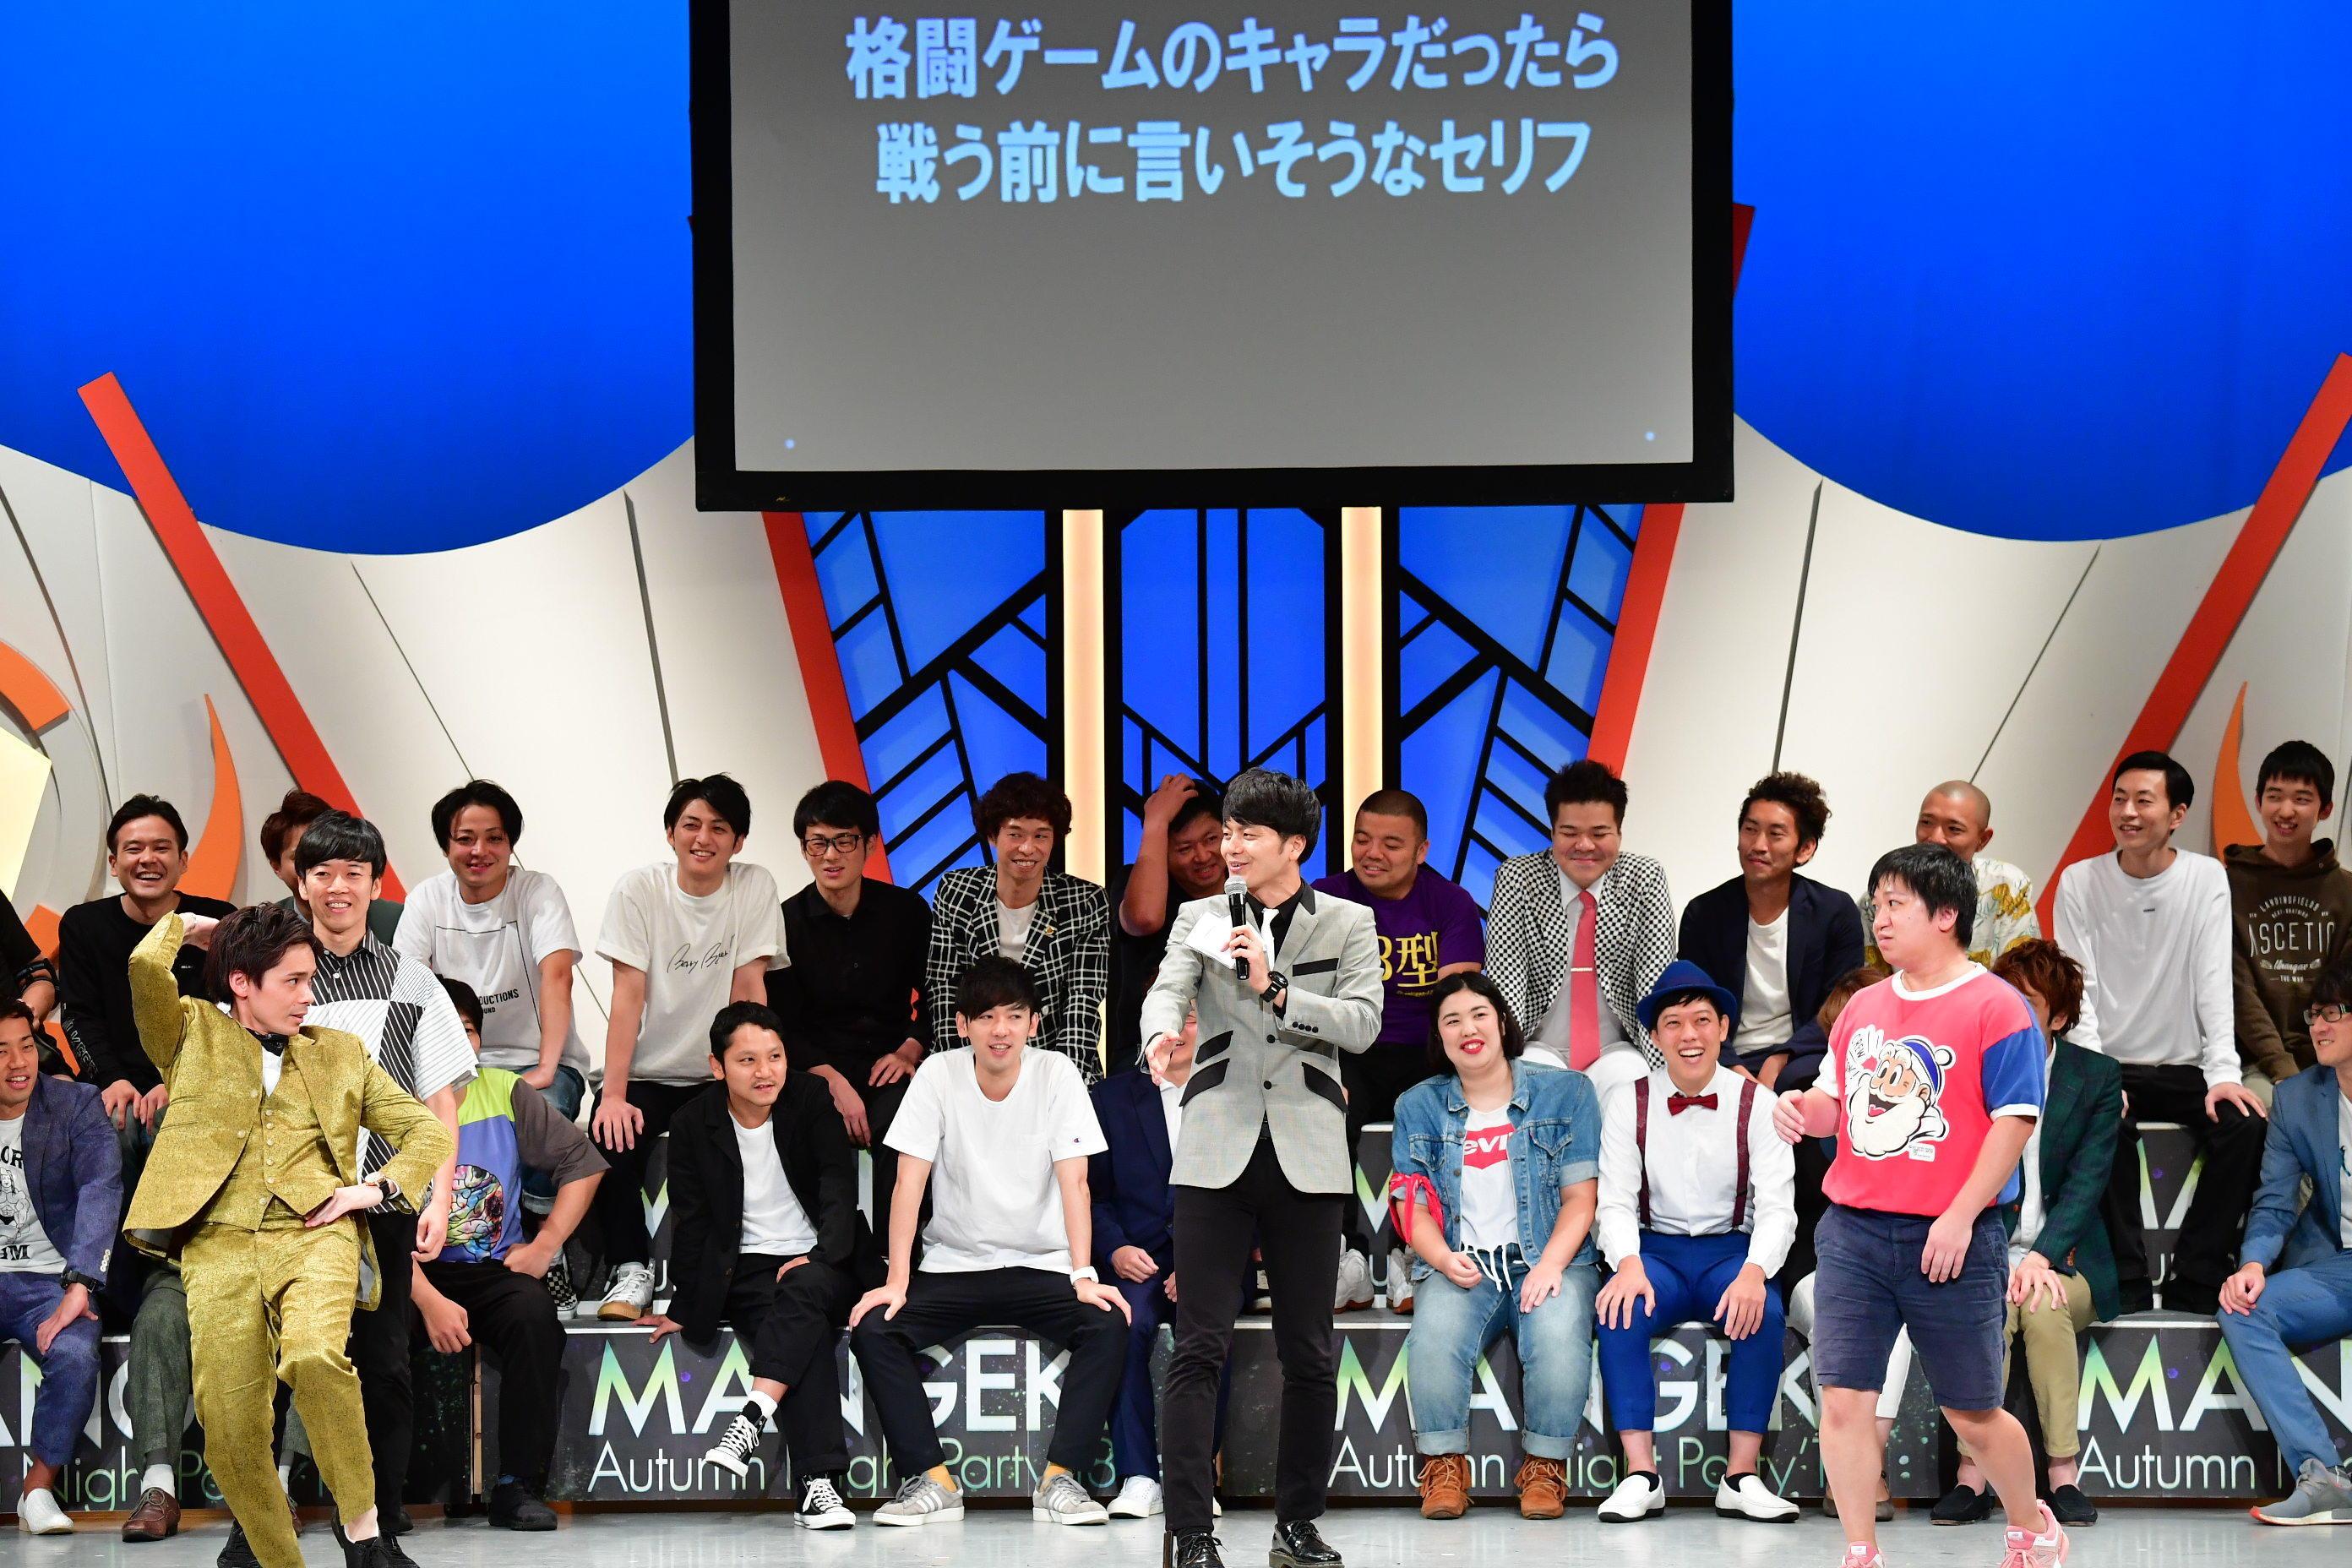 http://news.yoshimoto.co.jp/20180925141003-e899ec7576ef95f2028b19166dd0b15a0cd33ab9.jpg